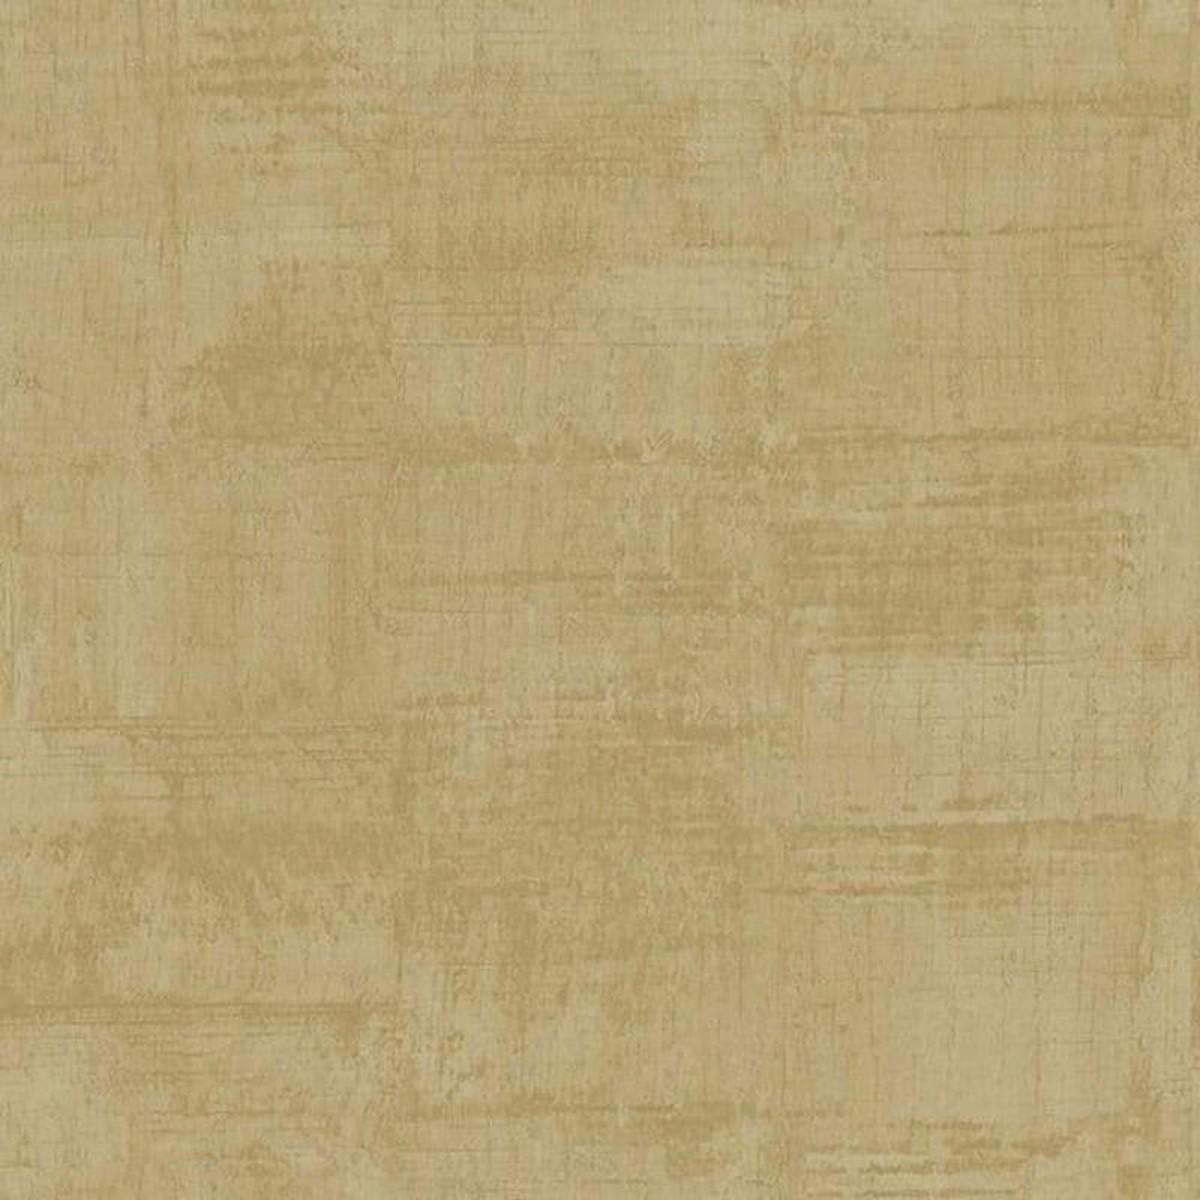 Обои флизелиновые Decoprint Selena желтые 0.53 м SL18146